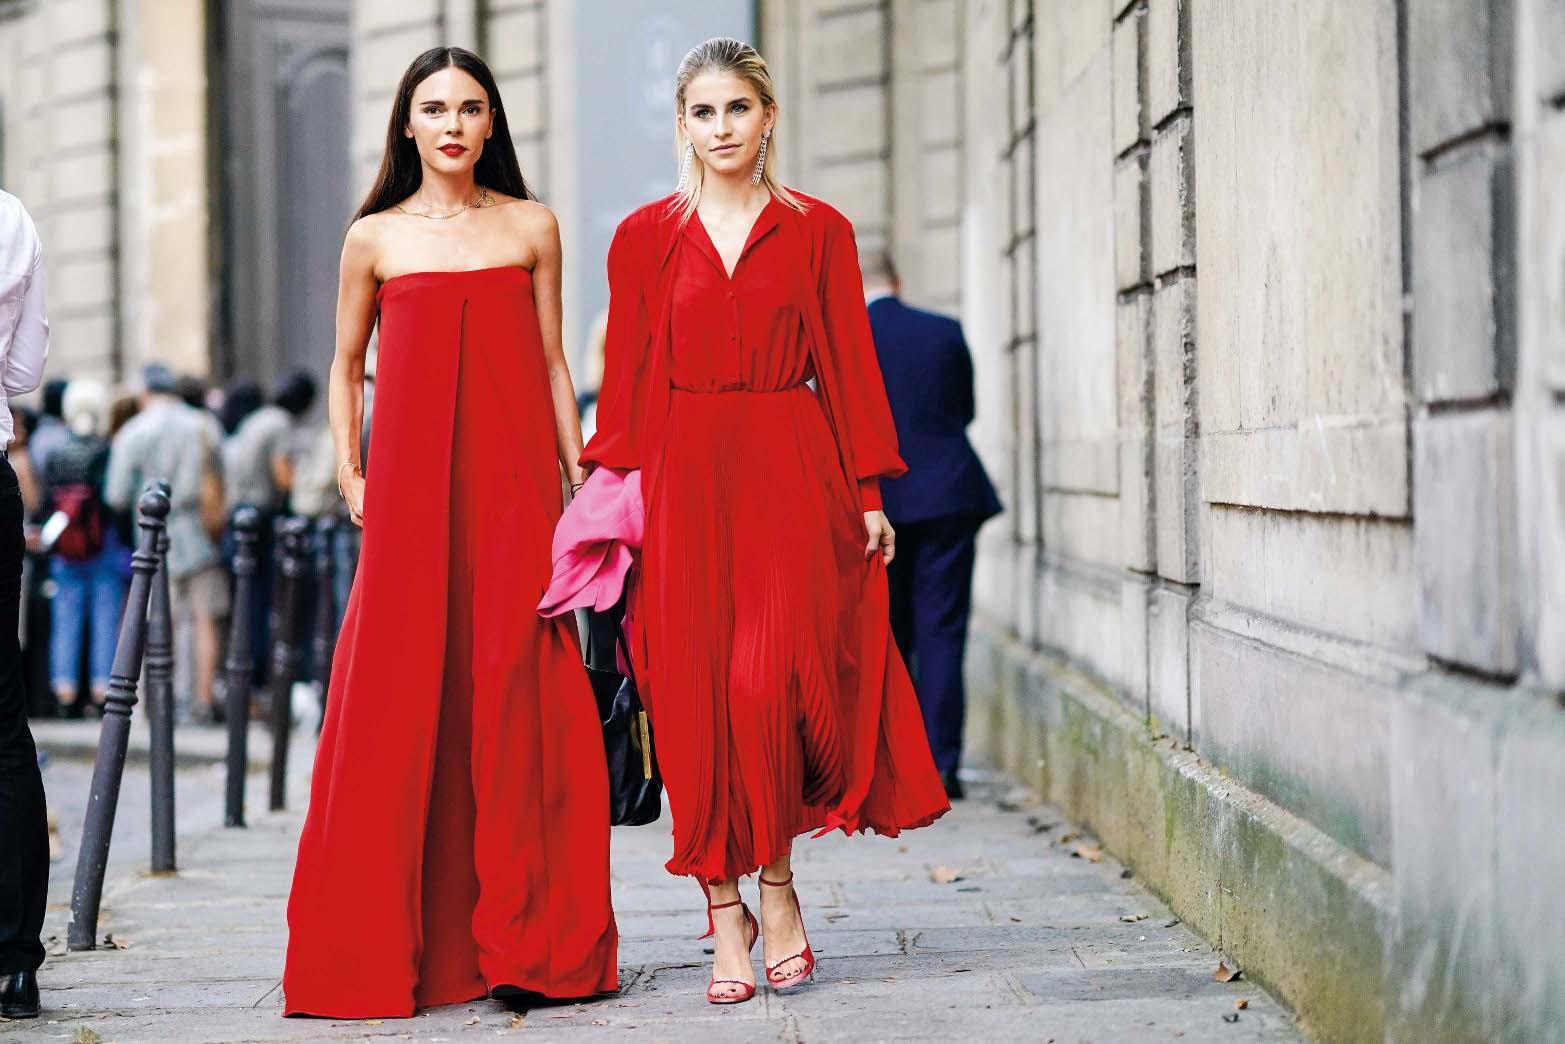 Grčka blogerica Evangelie Smyrniotaki i njemačka blogerica Caroline Daur u haljinama Valentino